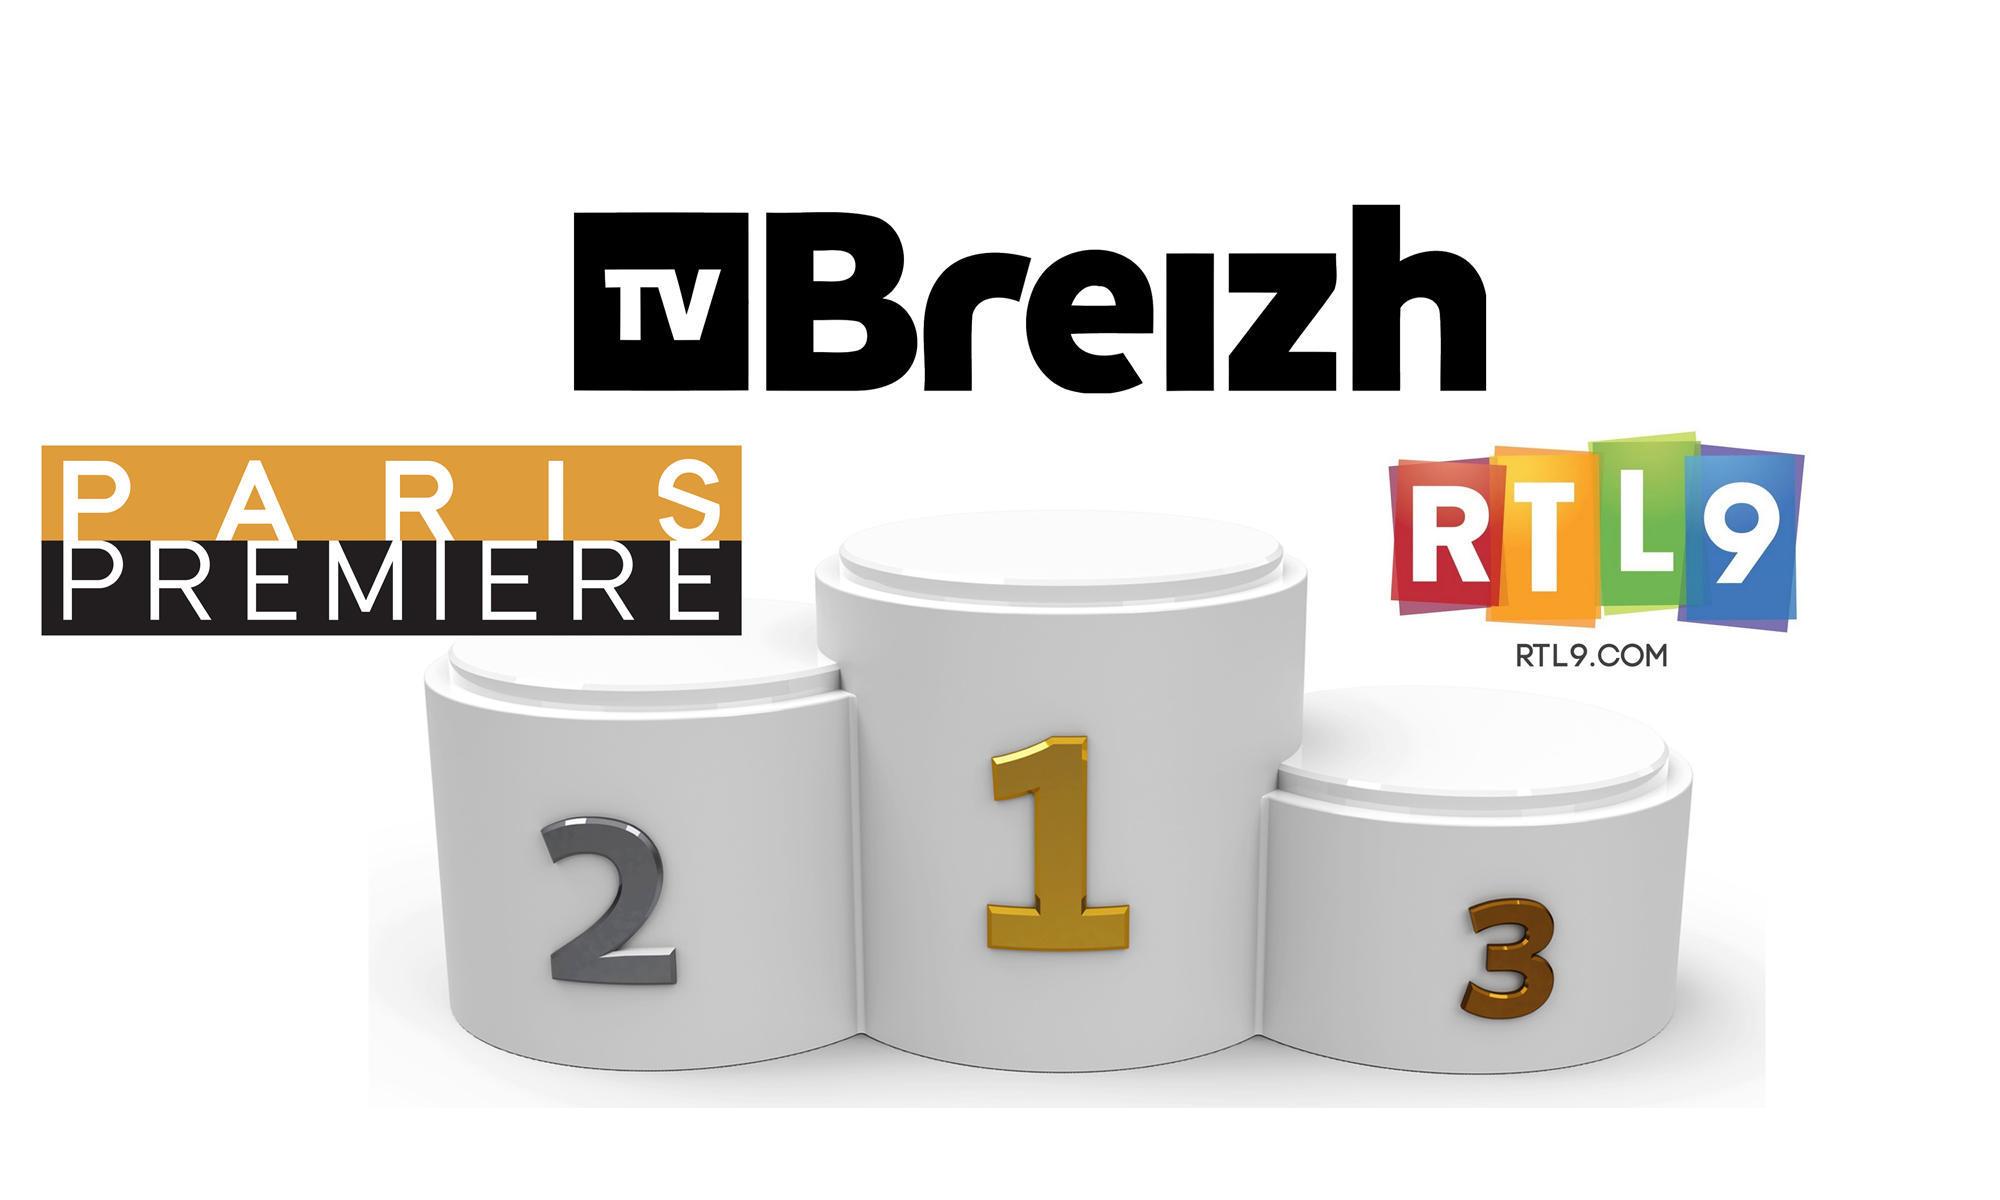 Tv Breizh Paris Premiere Et Rtl9 Les 3 Chaines Thematiques Les Plus Regardees Telecable Sat Hebdo